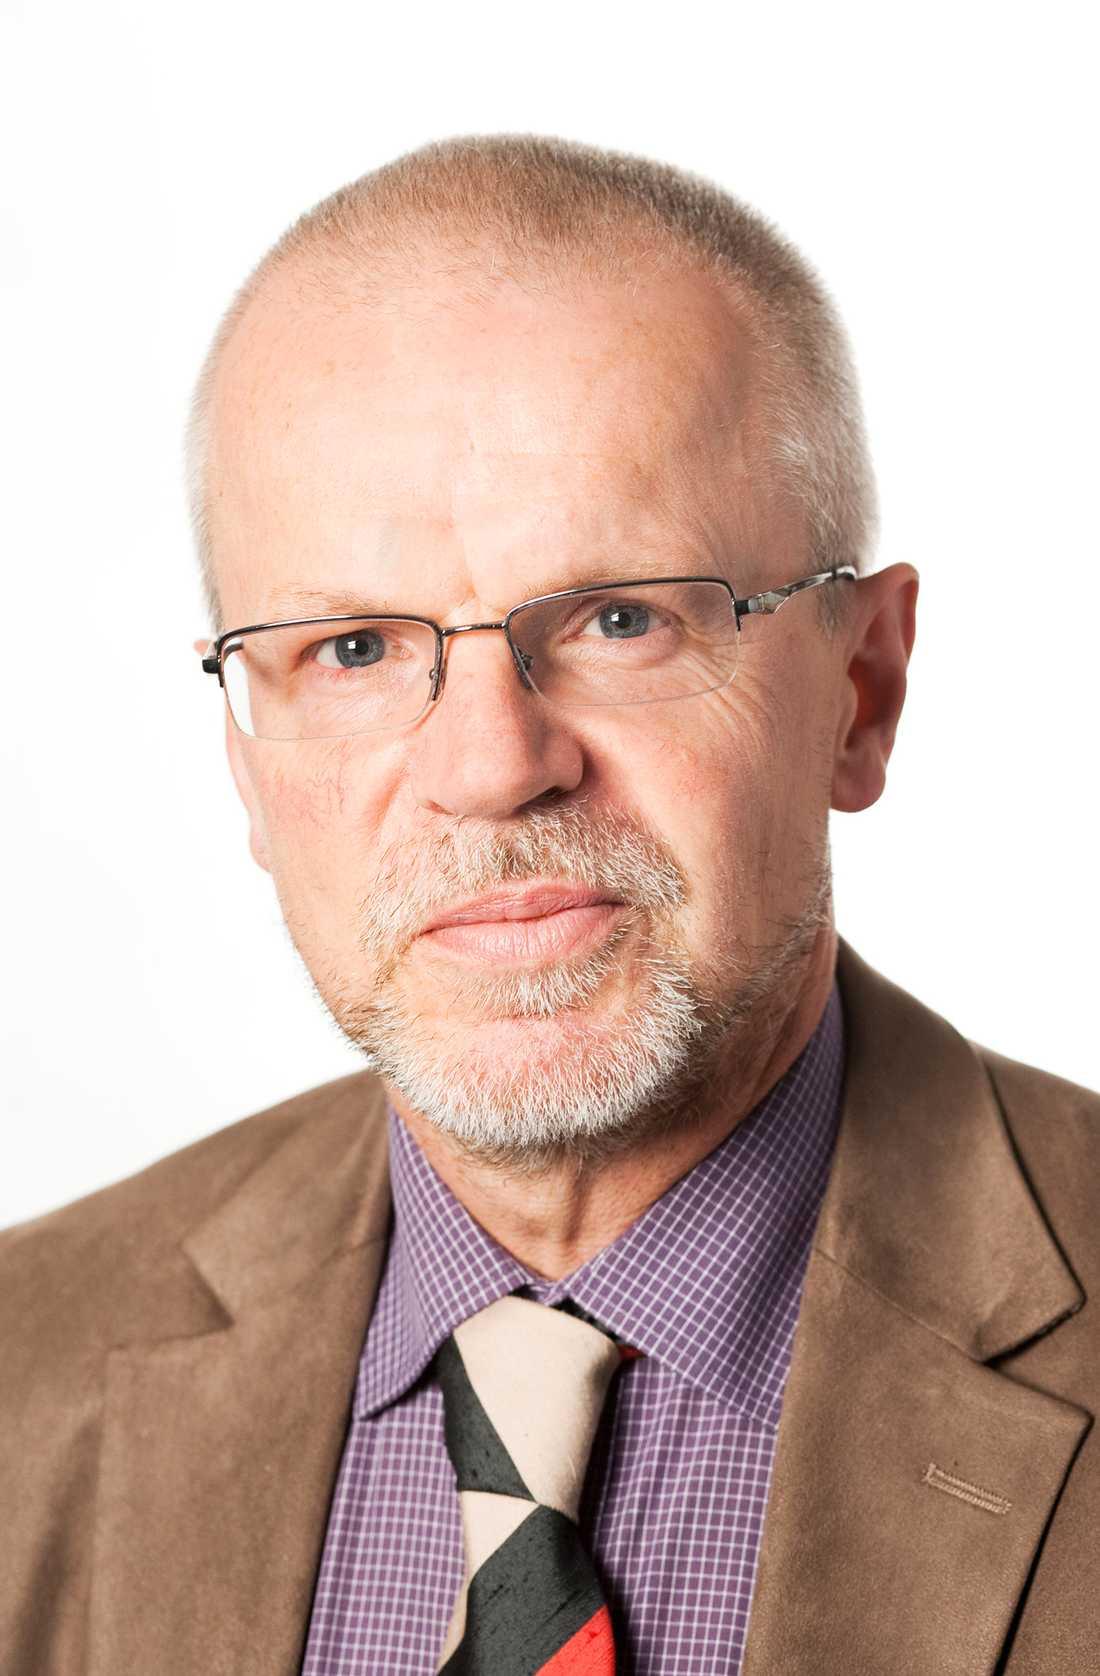 Det skulle vara helt uteslutet att man hade separata rättegångar. Det skulle se parodiskt ut, säger Lars-Erik Bergström, lagman vid Falu tingsrätt, om hur en rättegång och en bevistalan kan komma att hållas.